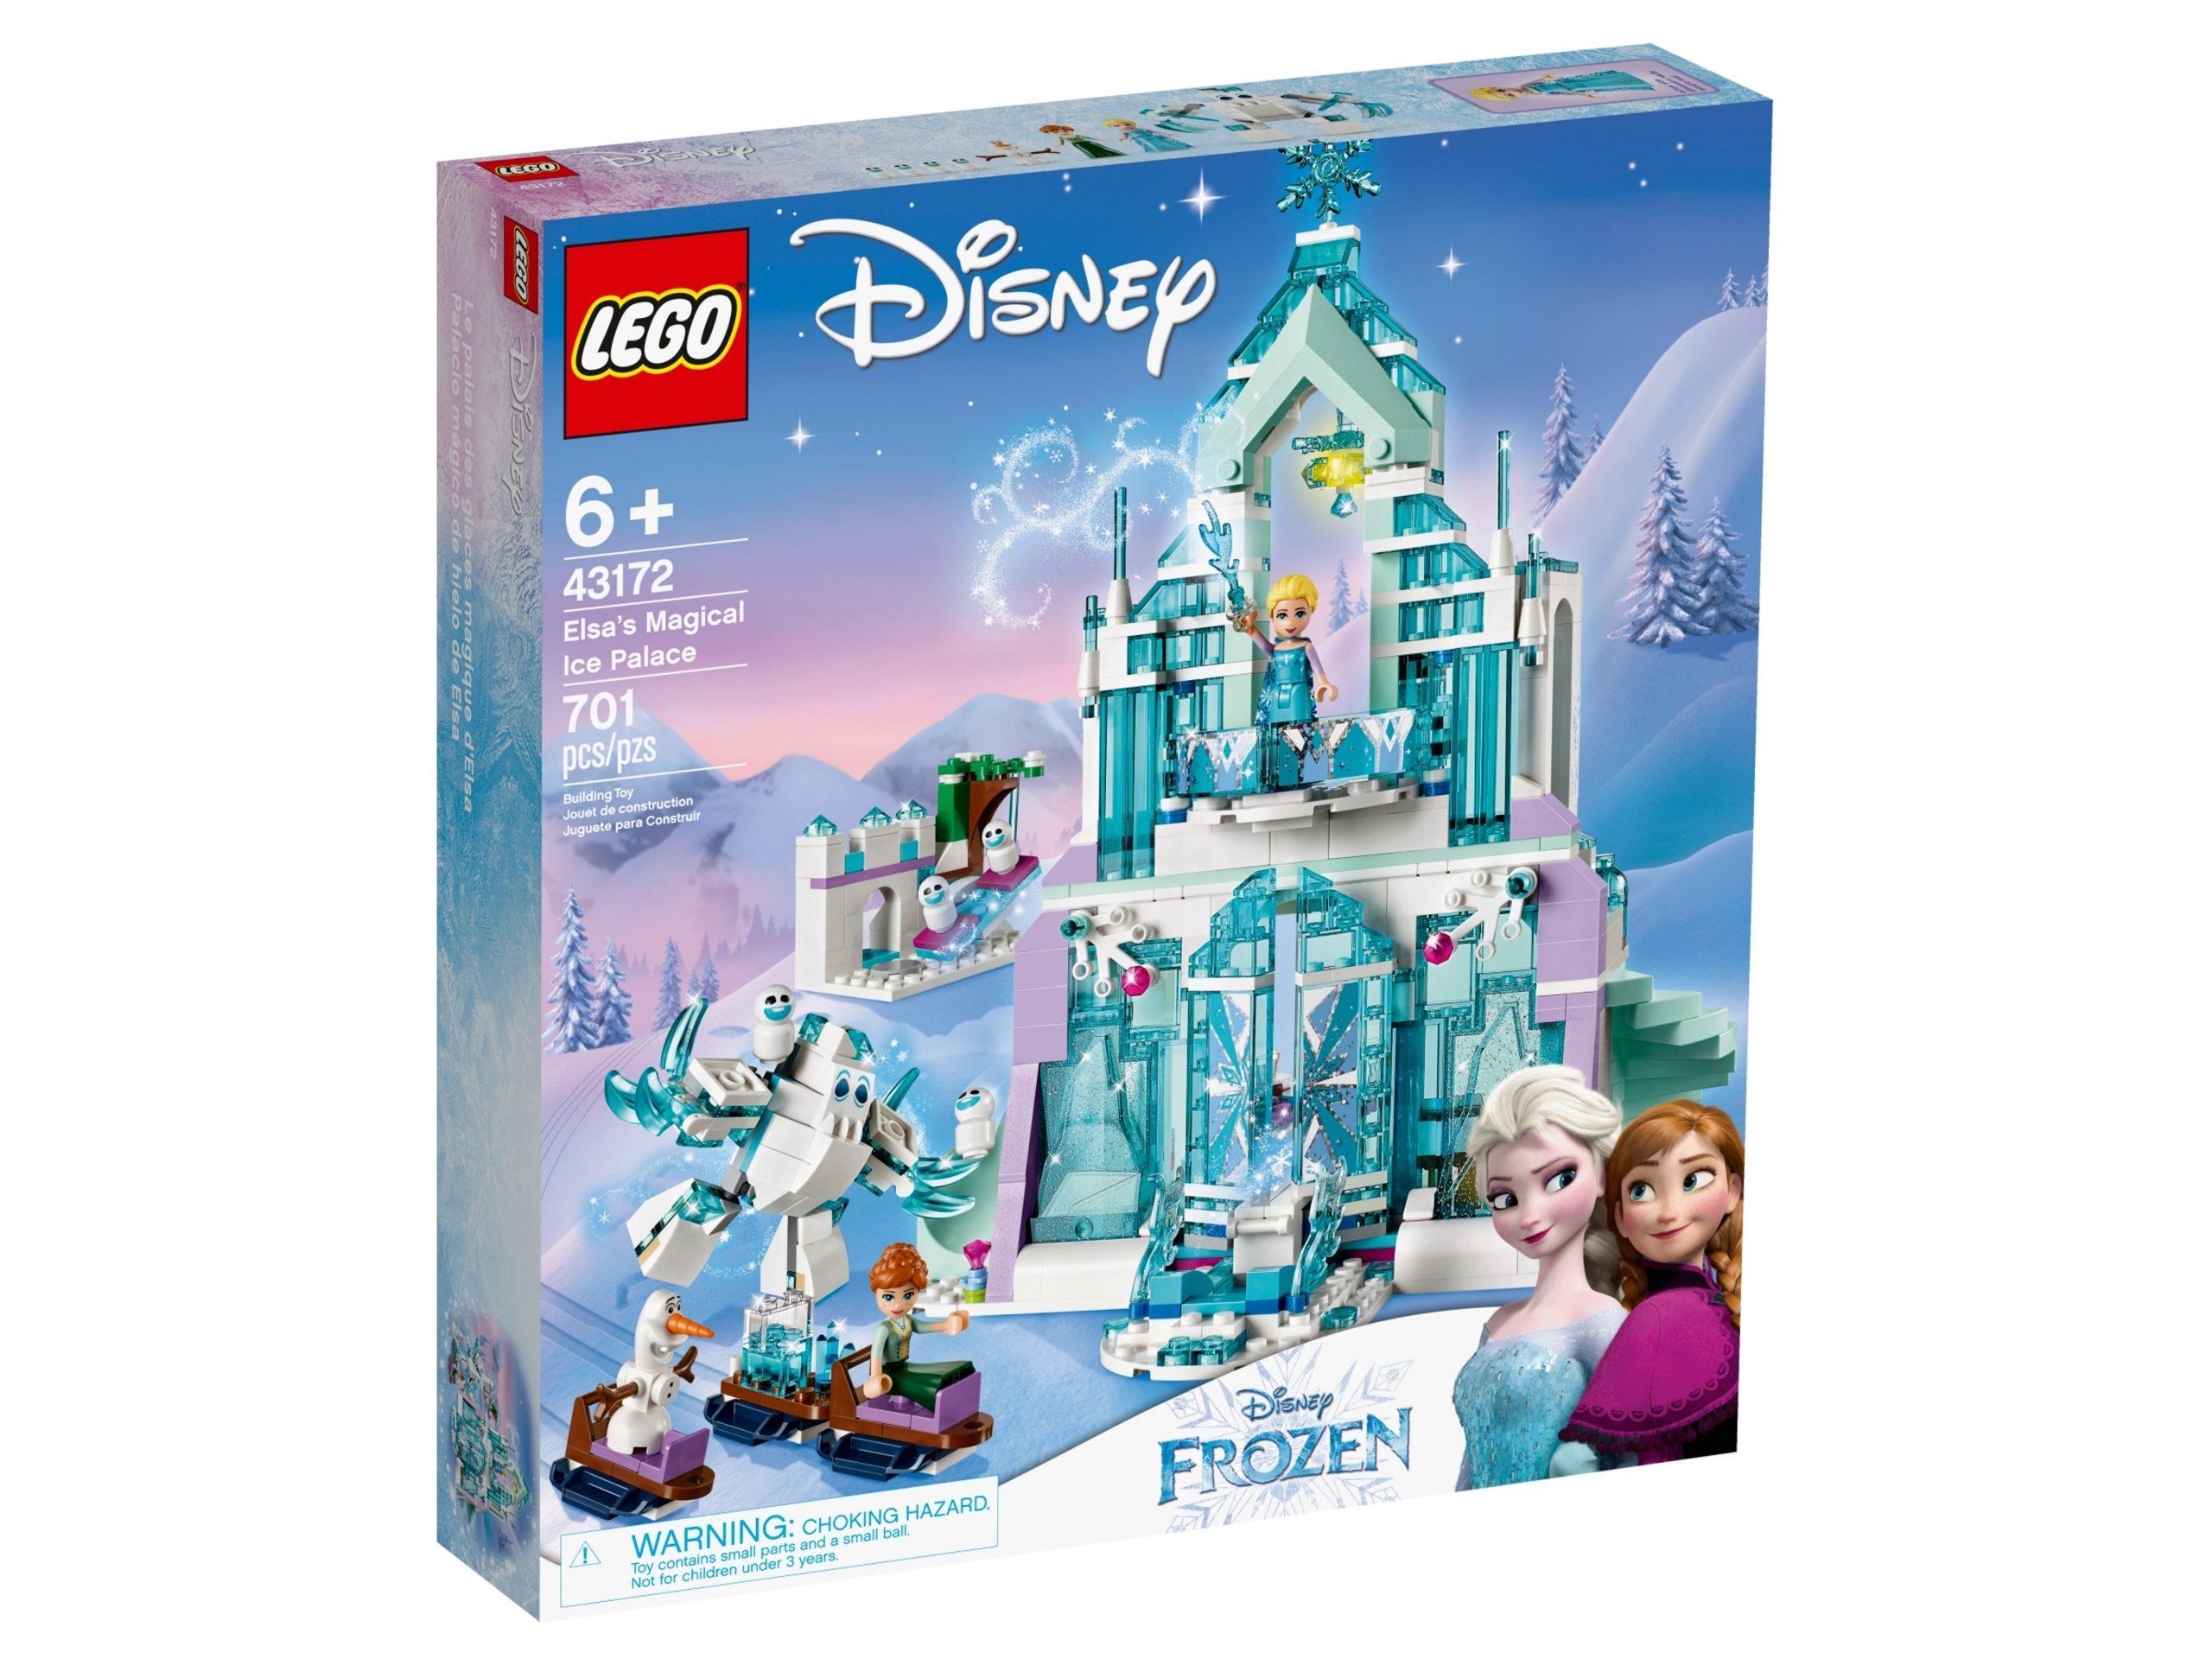 lego 43172 elsas magical ice palace scaled